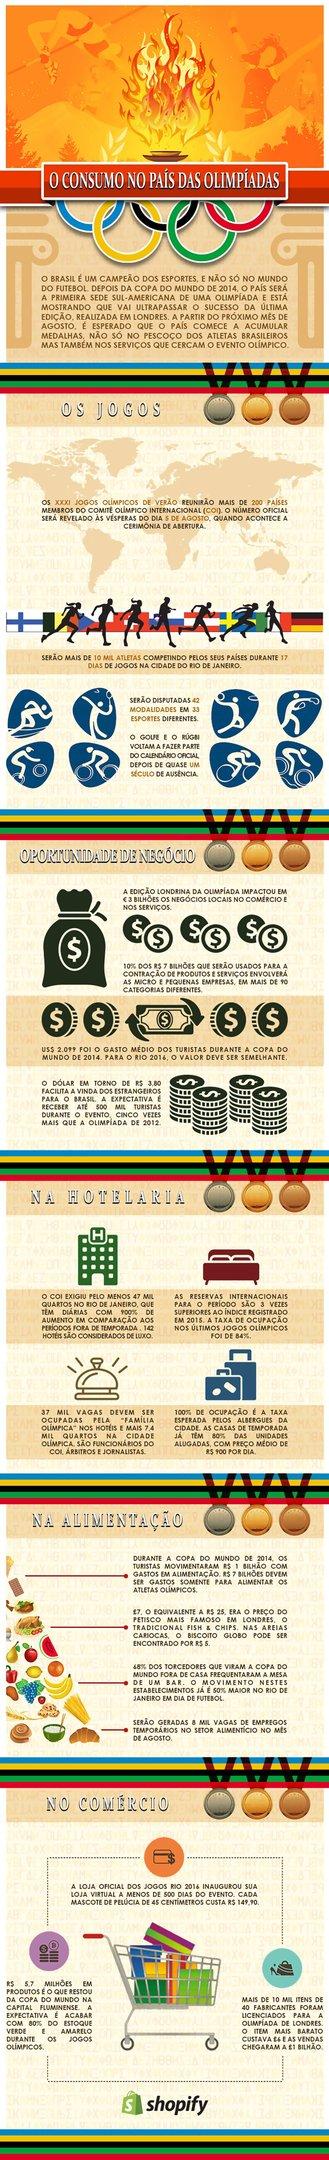 Hospedagem, alimentação e vendas: o que acontecerá no Brasil nas Olimpíadas